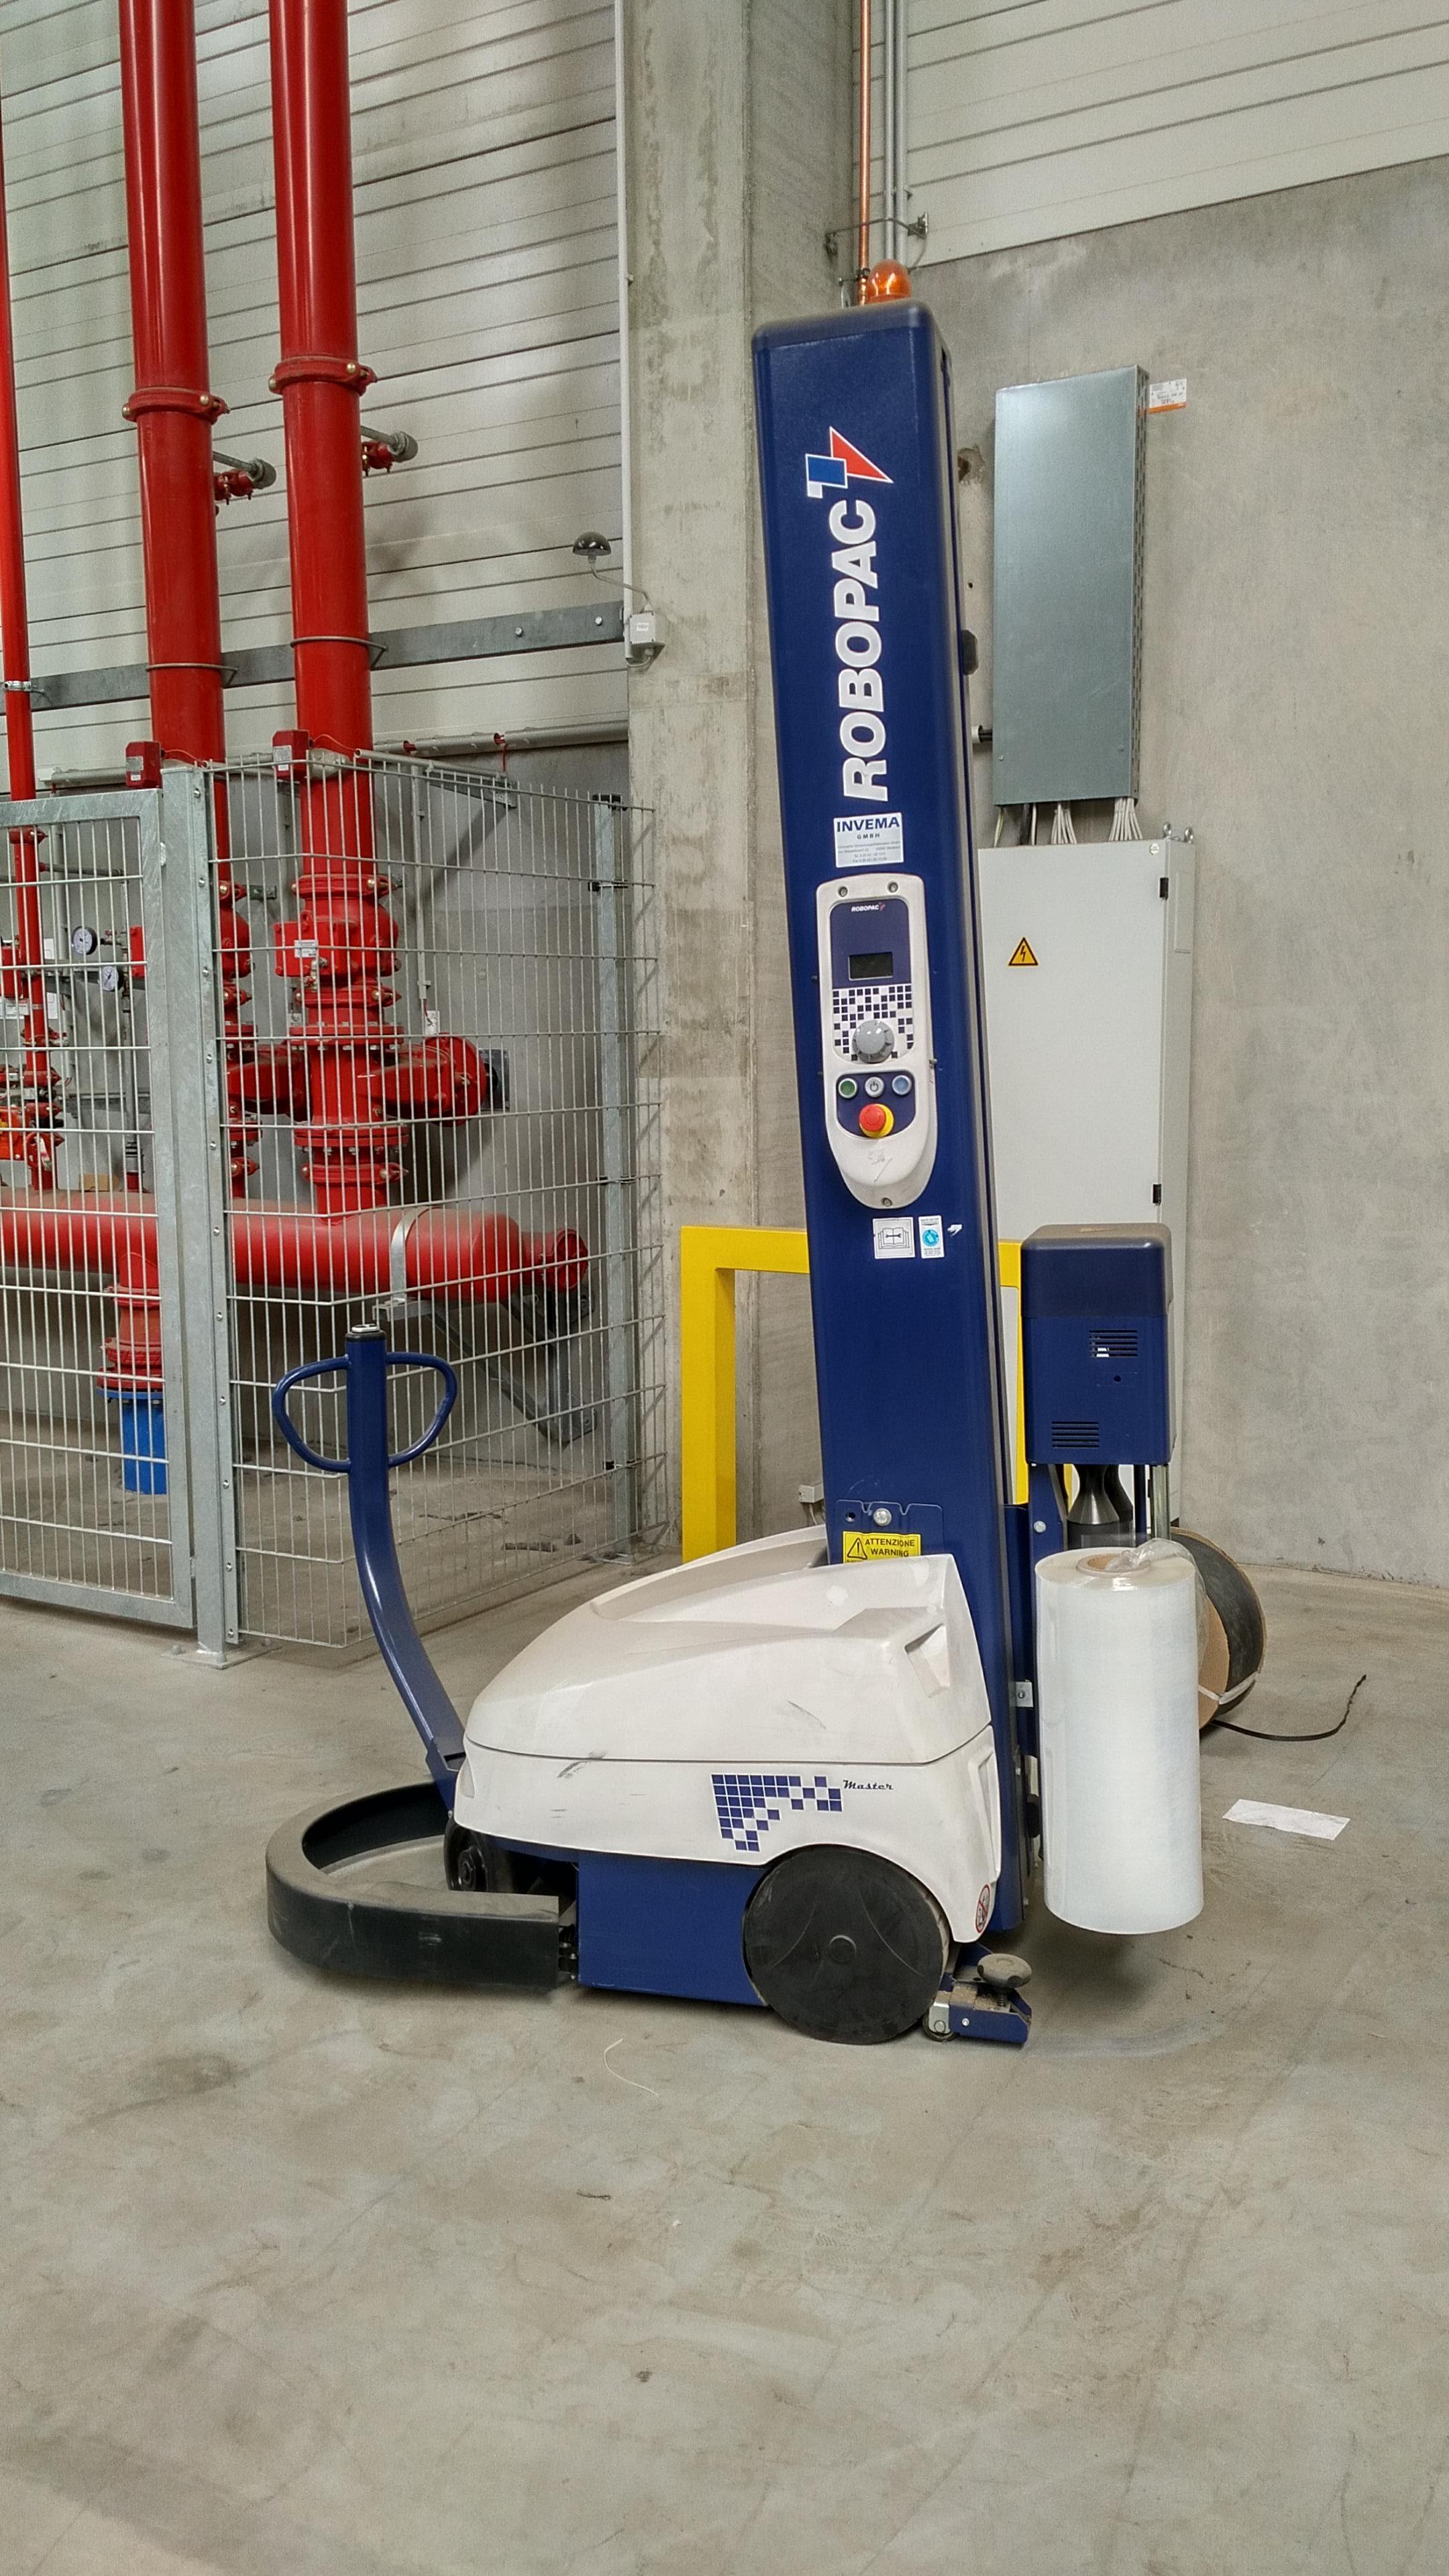 Palettenstretcher selbtfahrend Fabr. Robopak, Typ Typ Robot Master (M110 PDS), Bj. 2014